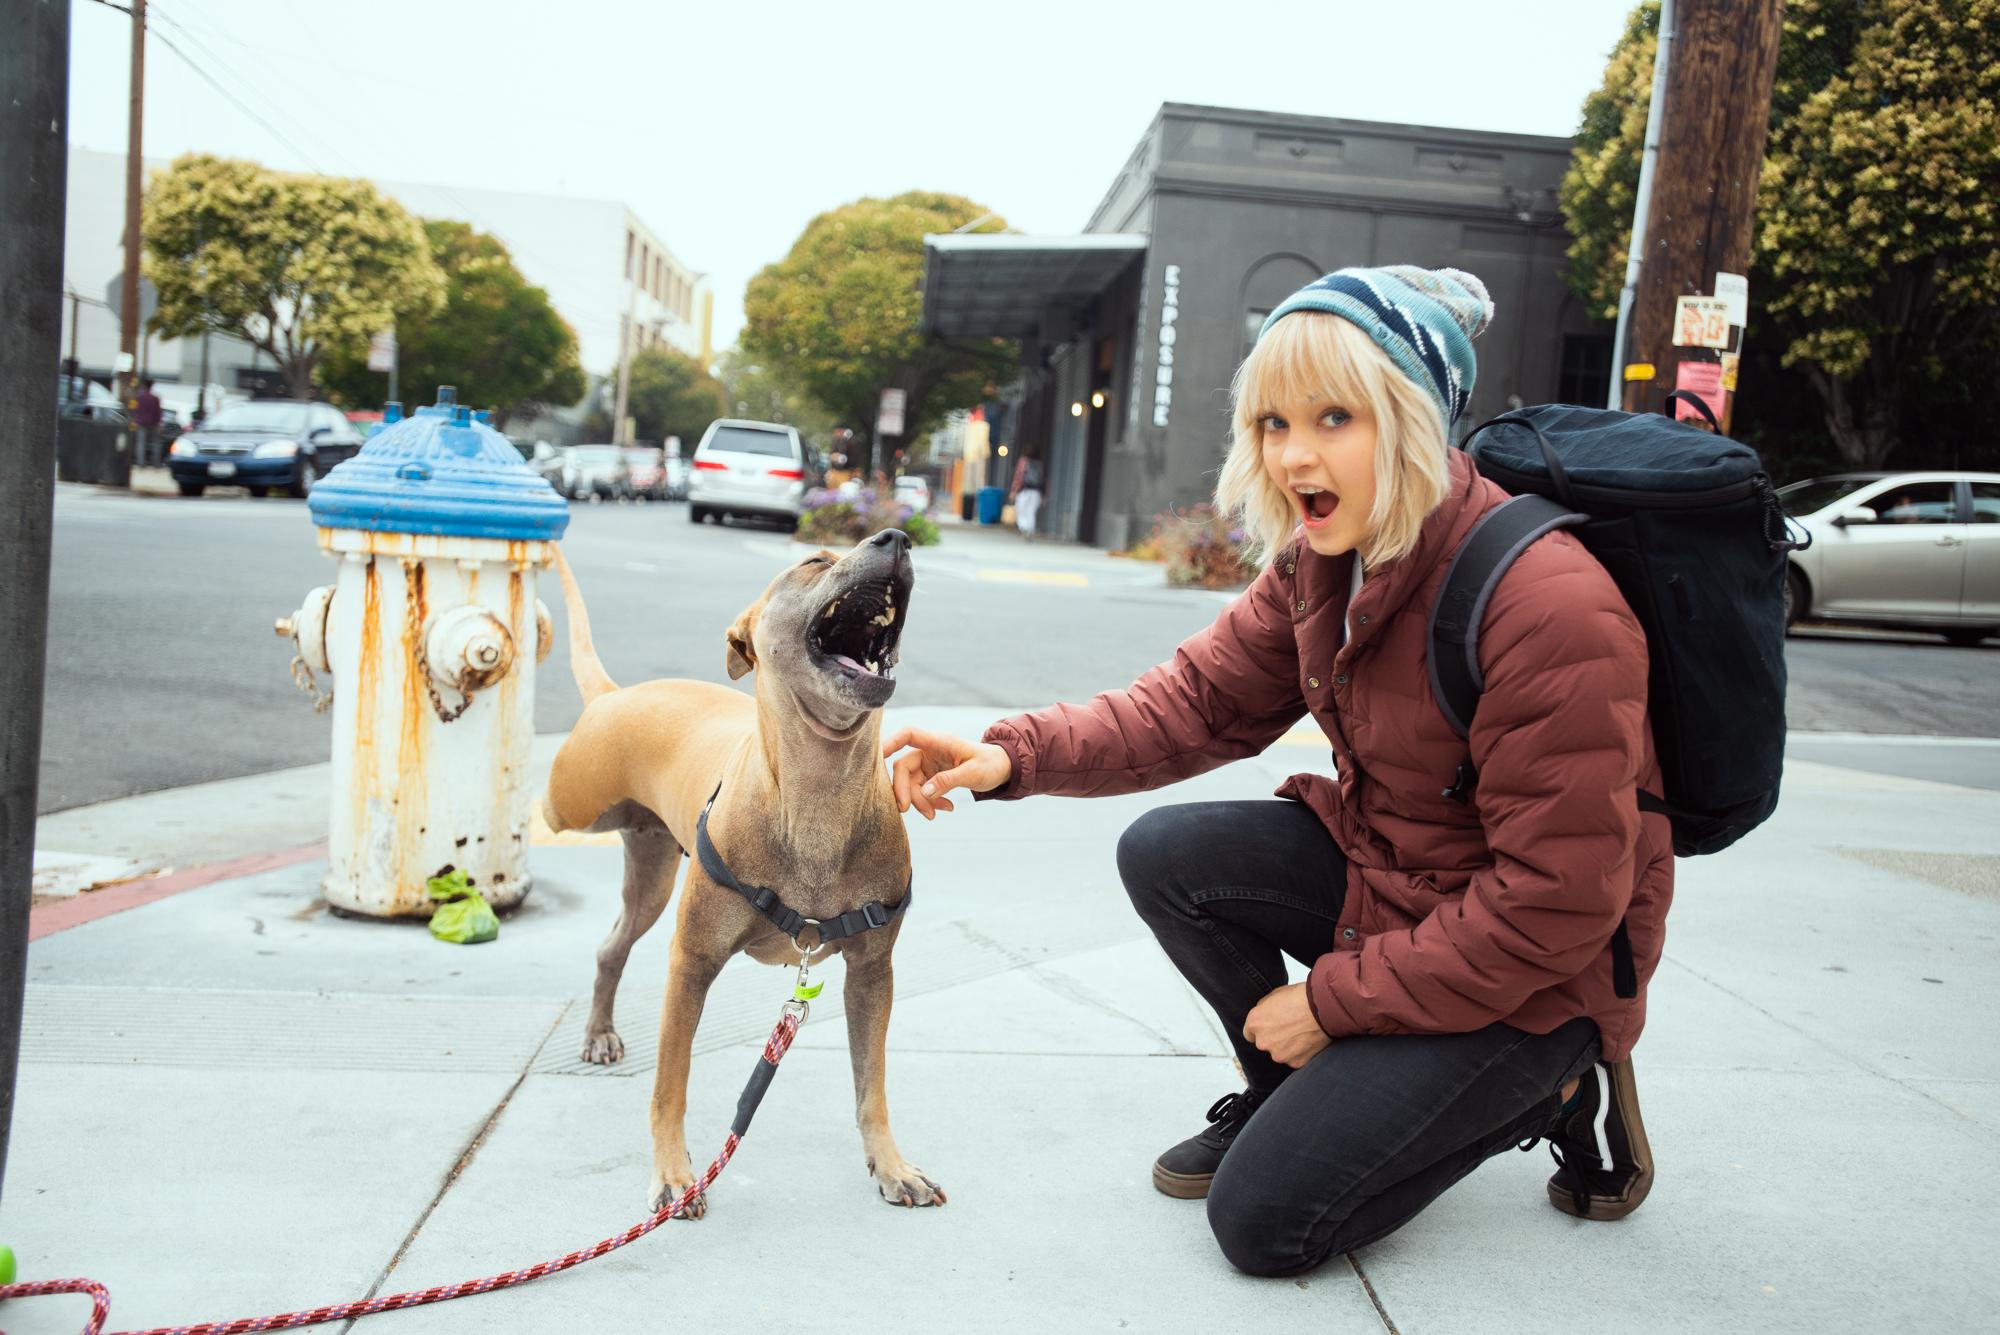 Yawning with one legged doggy :)